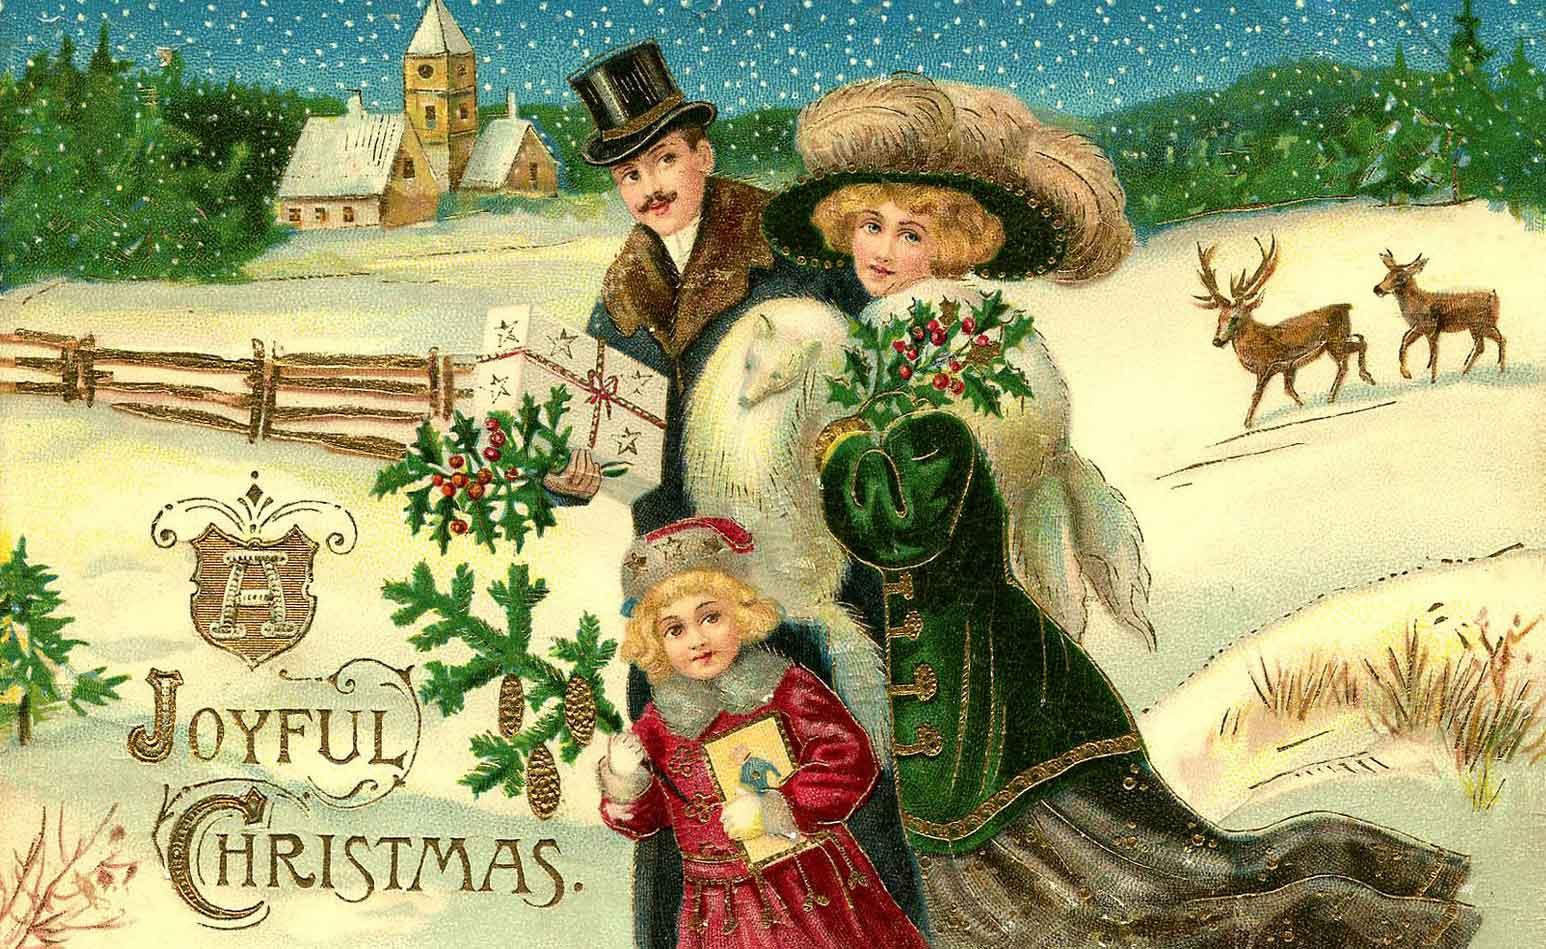 Immagini Vittoriane Natalizie.Cartoline Natalizie Breve Storia Di Una Lunga Tradizione